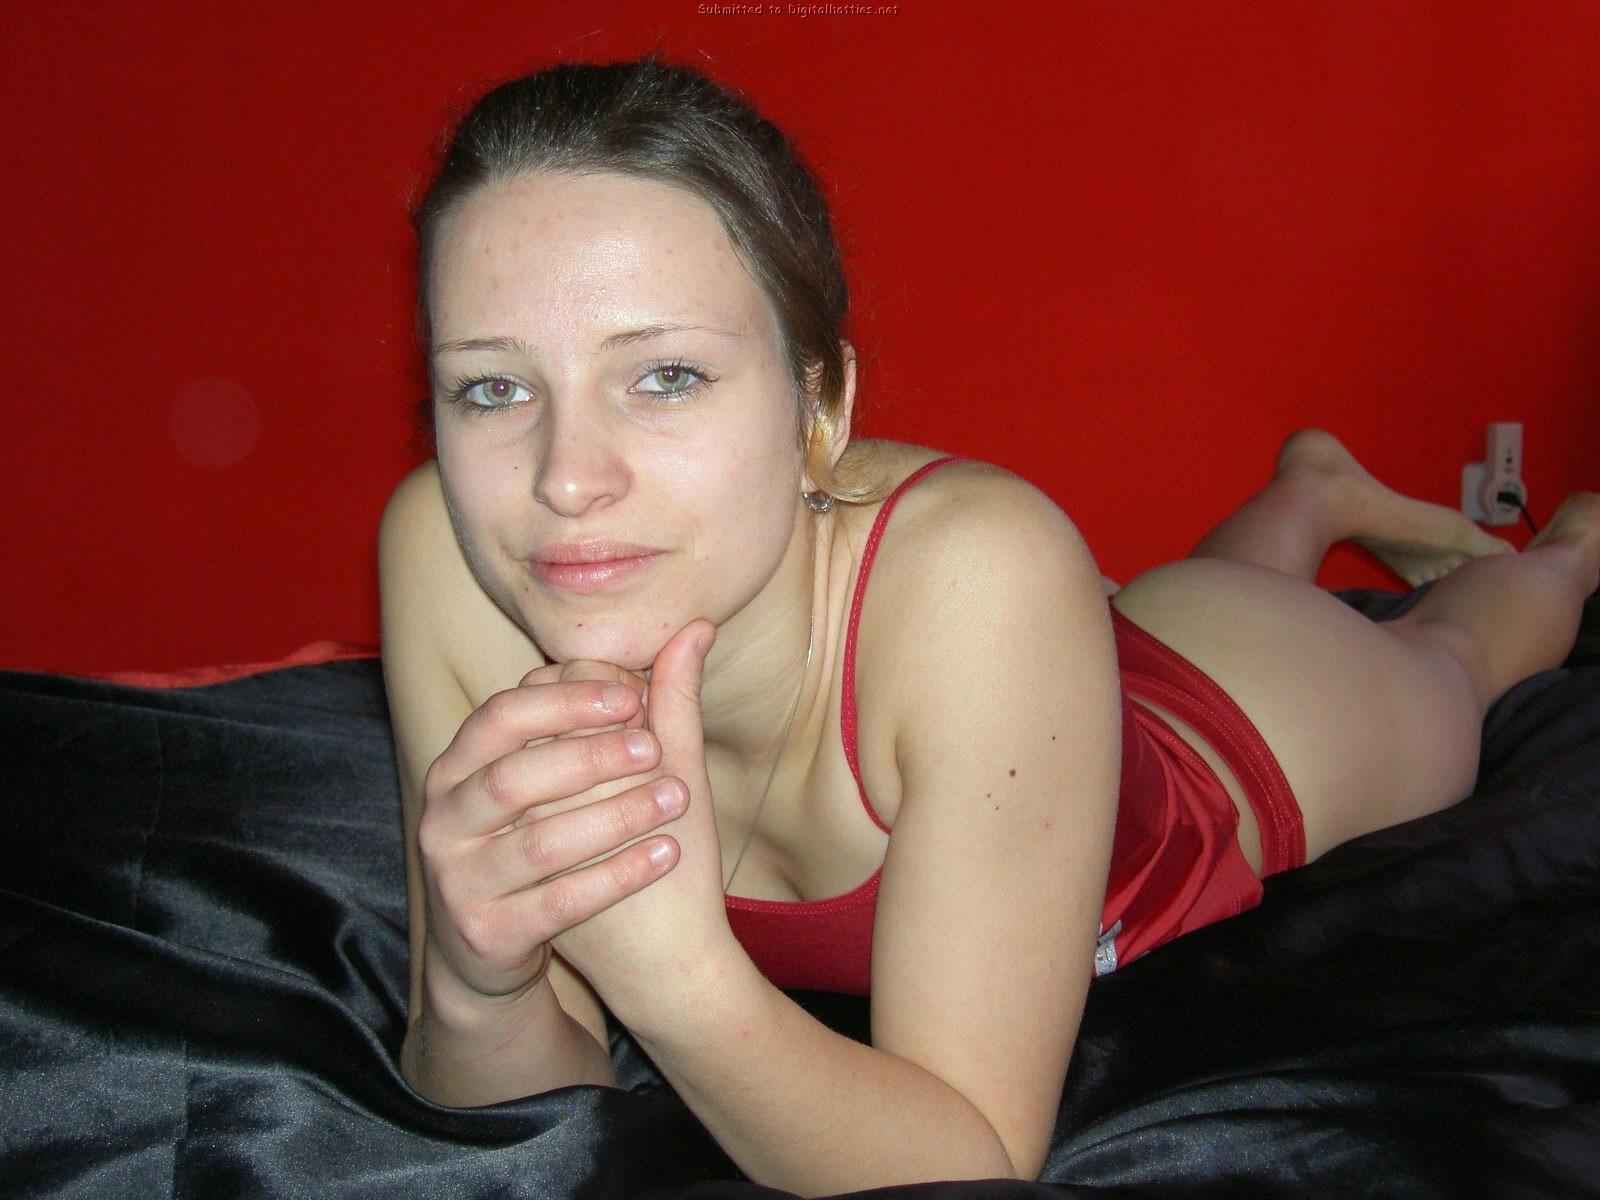 Onschuldige-meid uit Noord-Brabant,Nederland